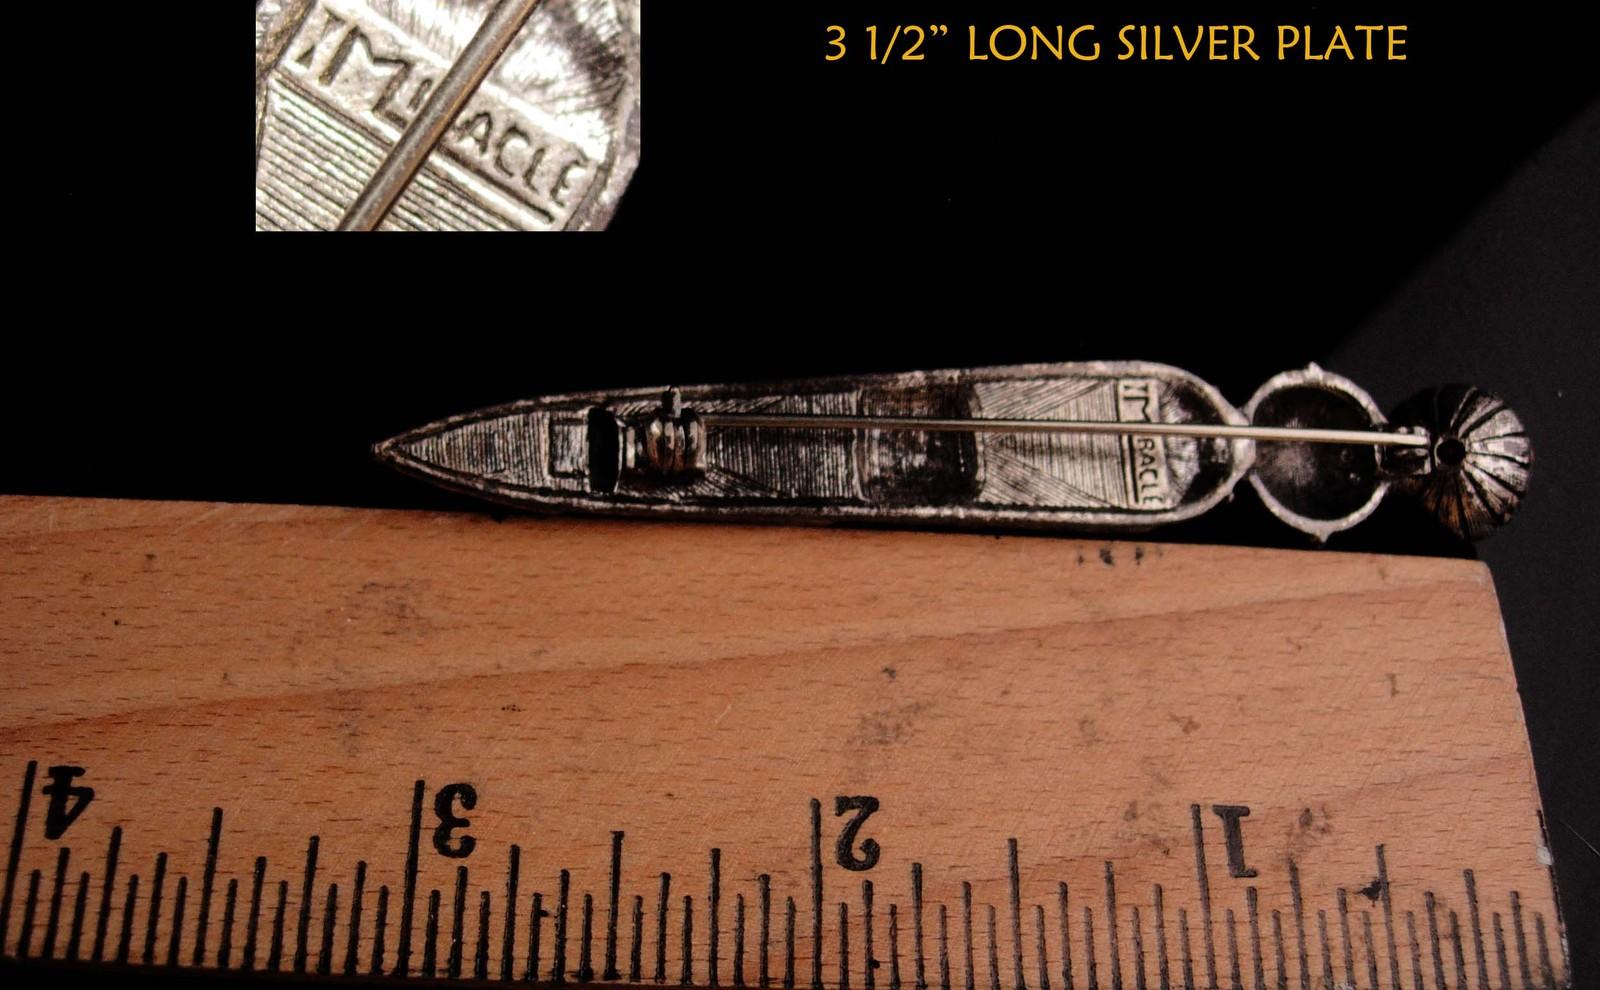 """LARGE Vintage Brooch Scottish Dirk Kilt pin - bloodstone  citrine agate 3 1/2"""" l image 6"""